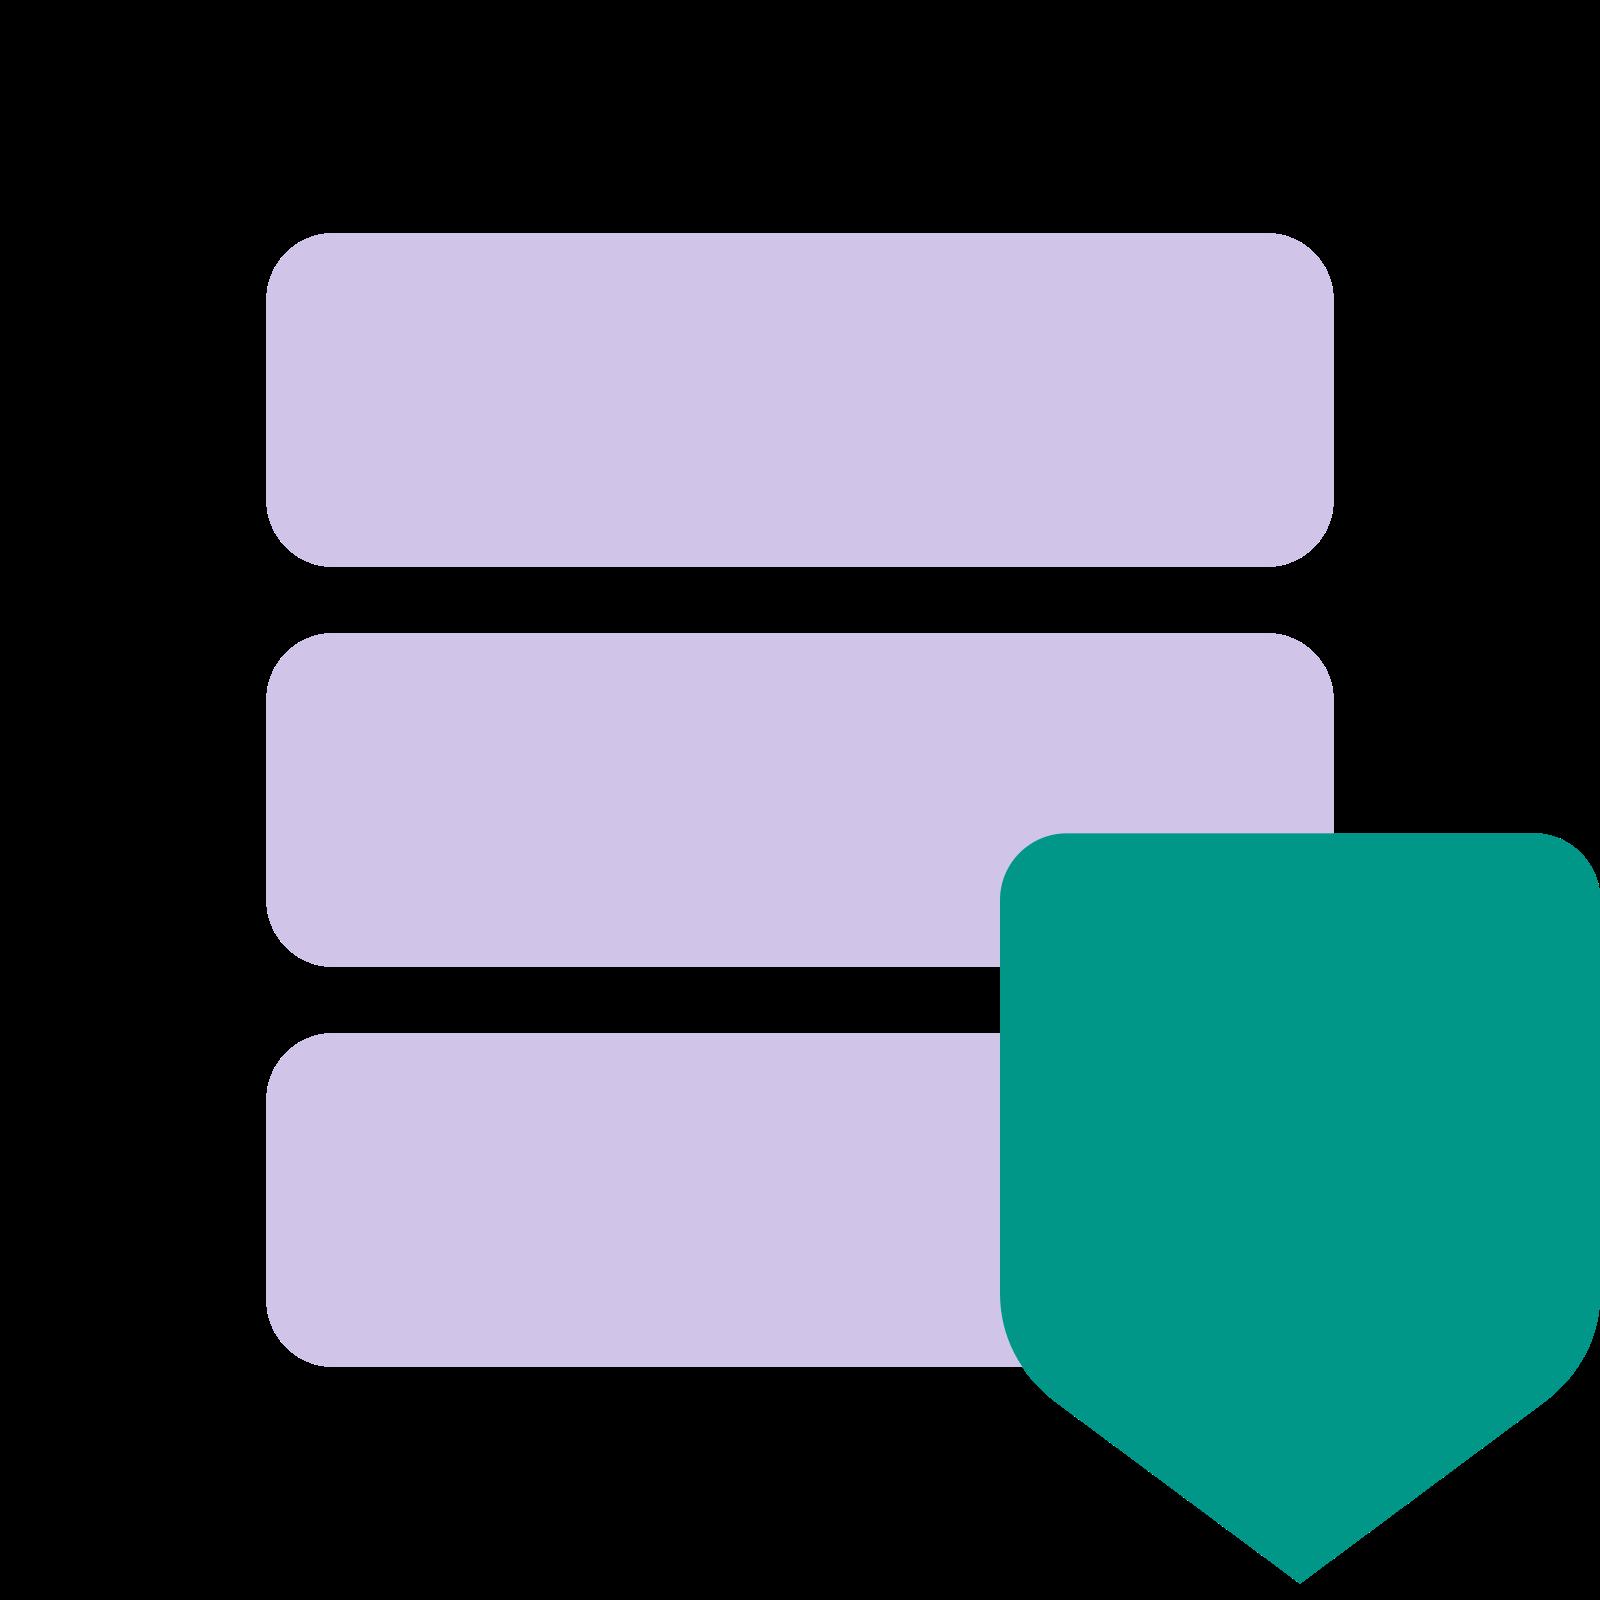 Ochrona danych icon